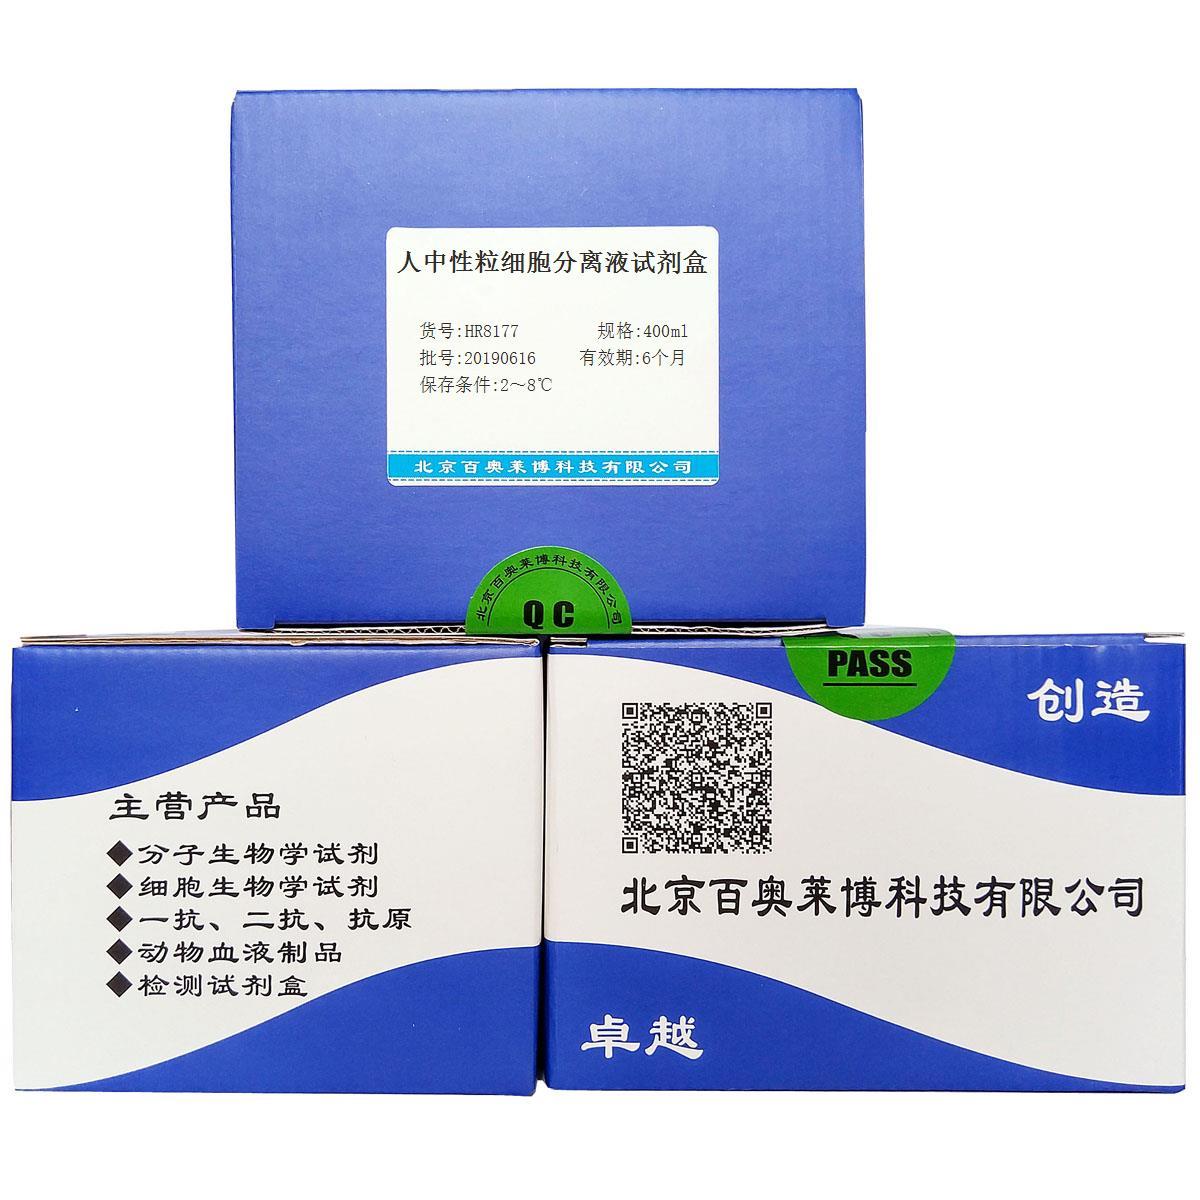 人中性粒细胞分离液试剂盒北京供应商